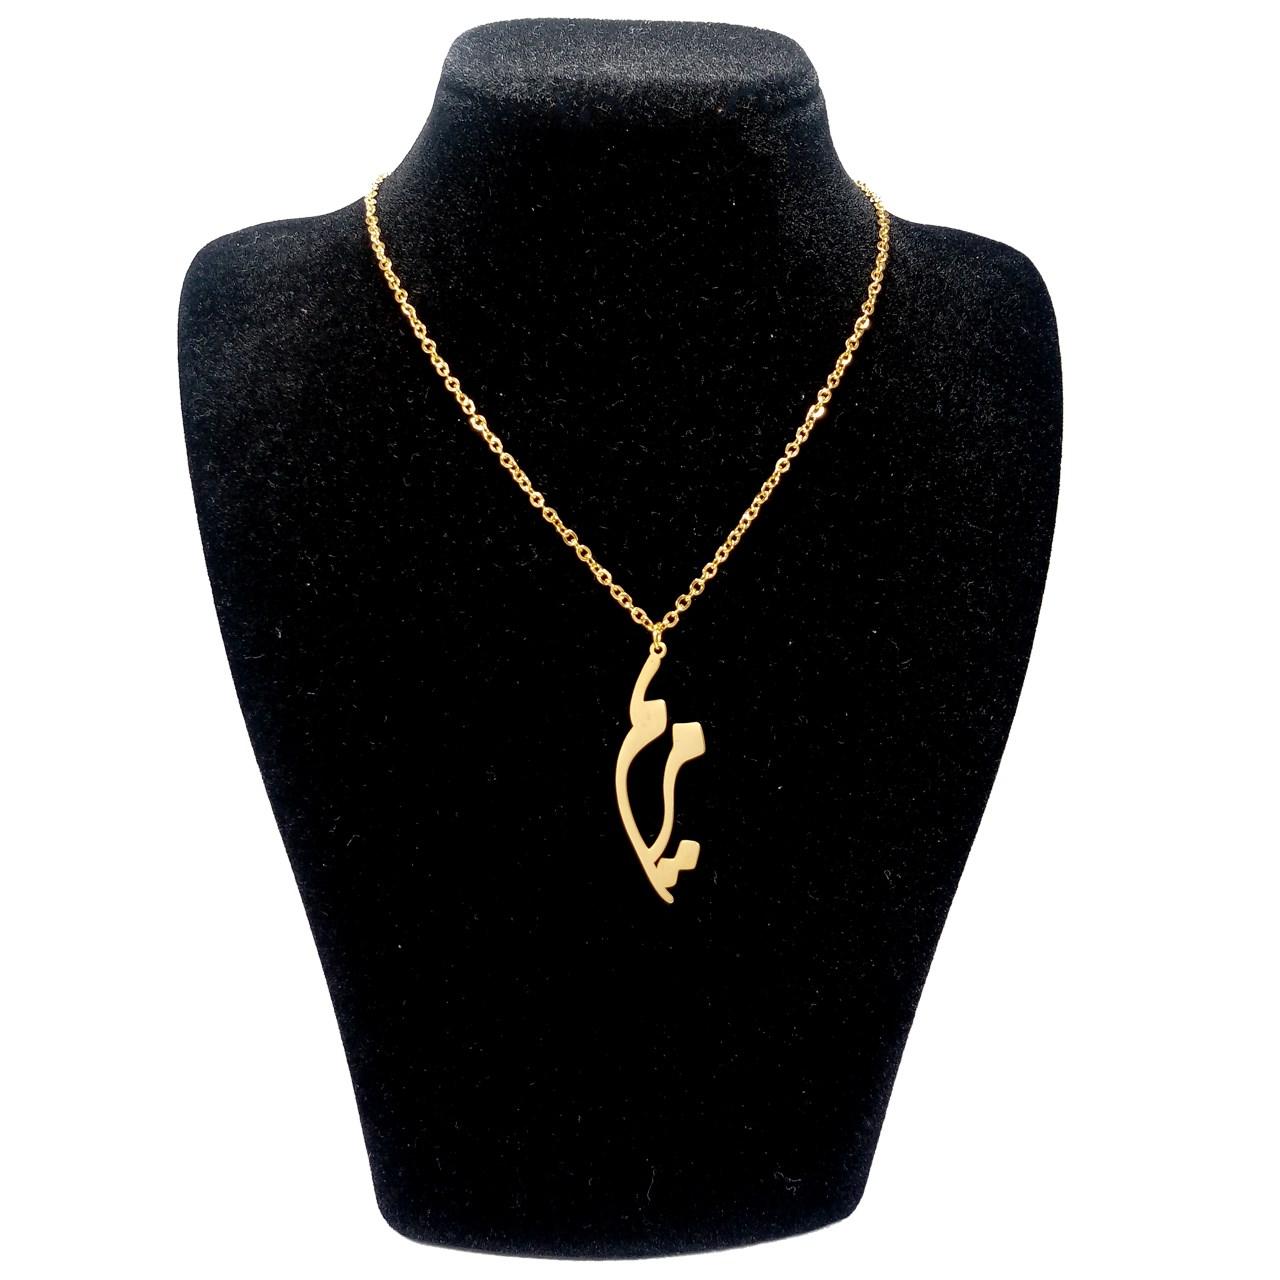 قیمت گردنبند آی جواهر طرح اسم مریم کد 1100107GE